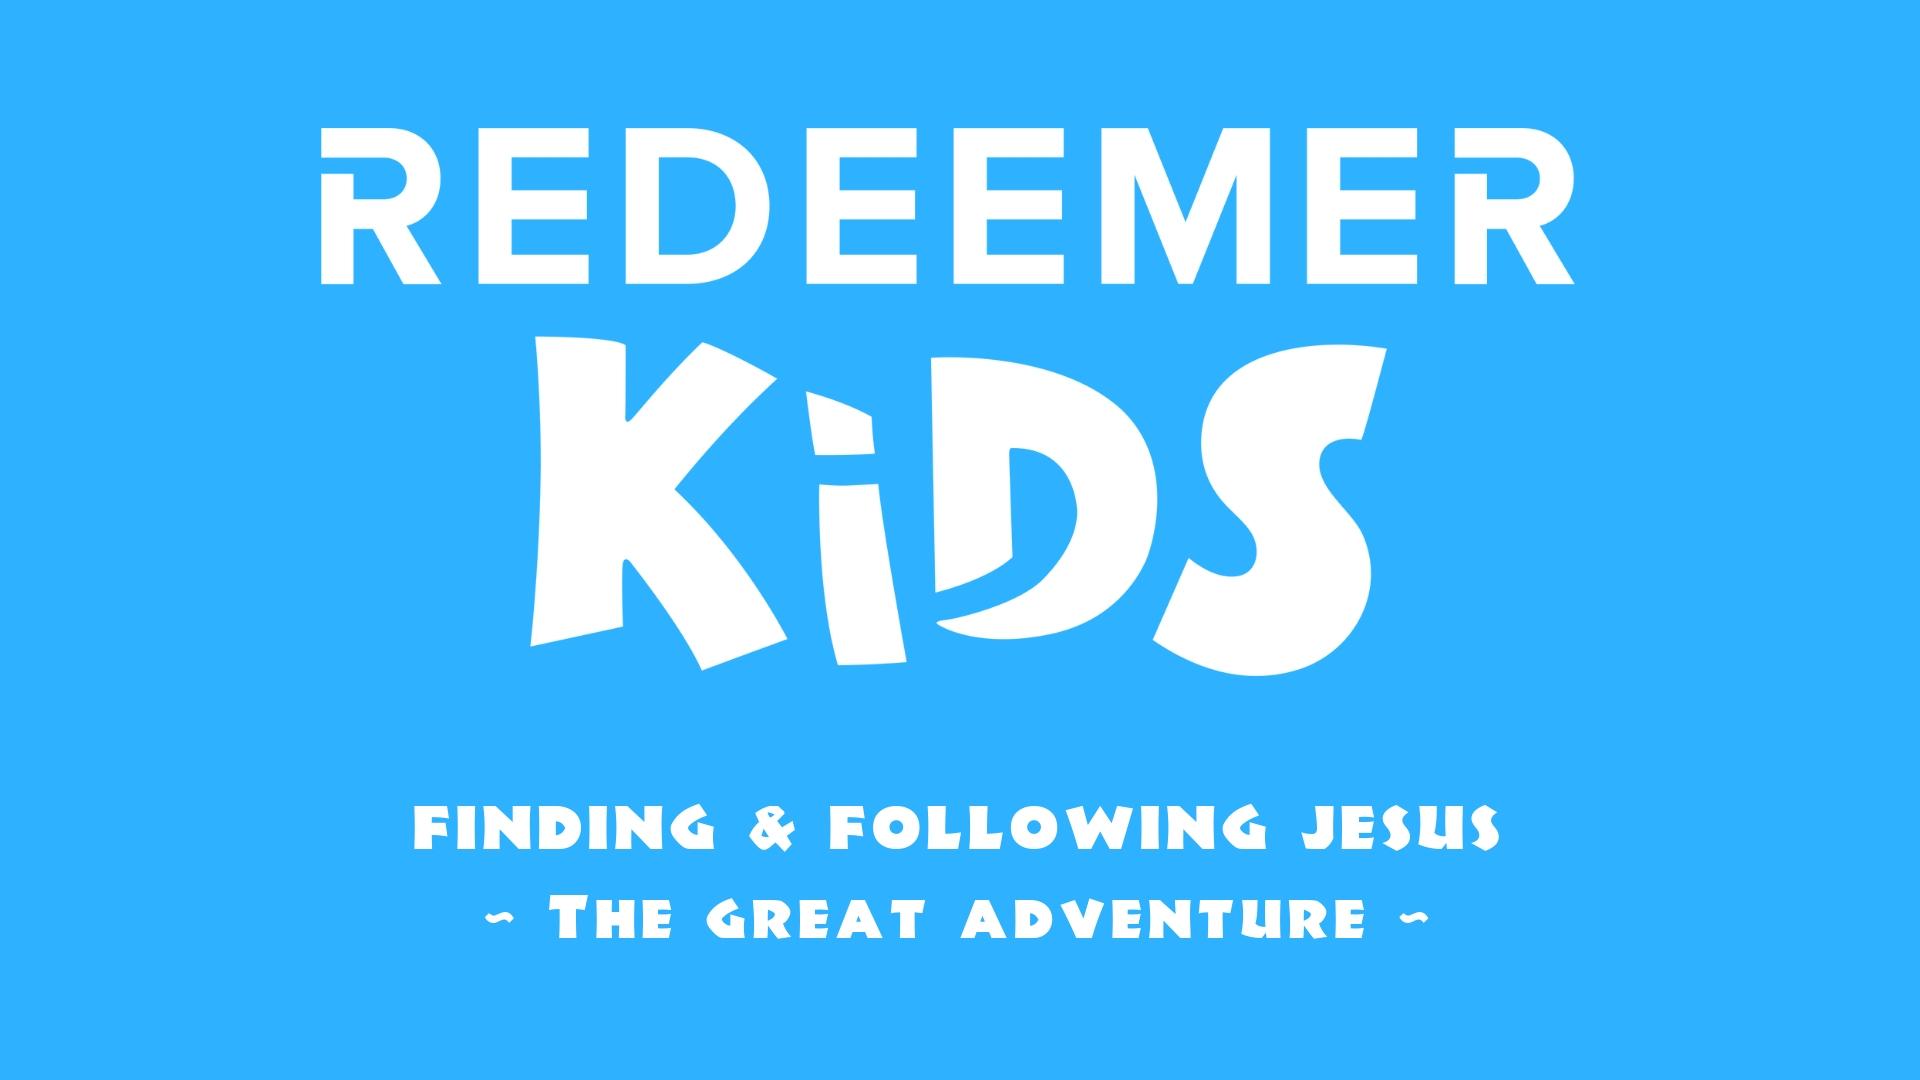 REDEEMER KIDS (14).jpg